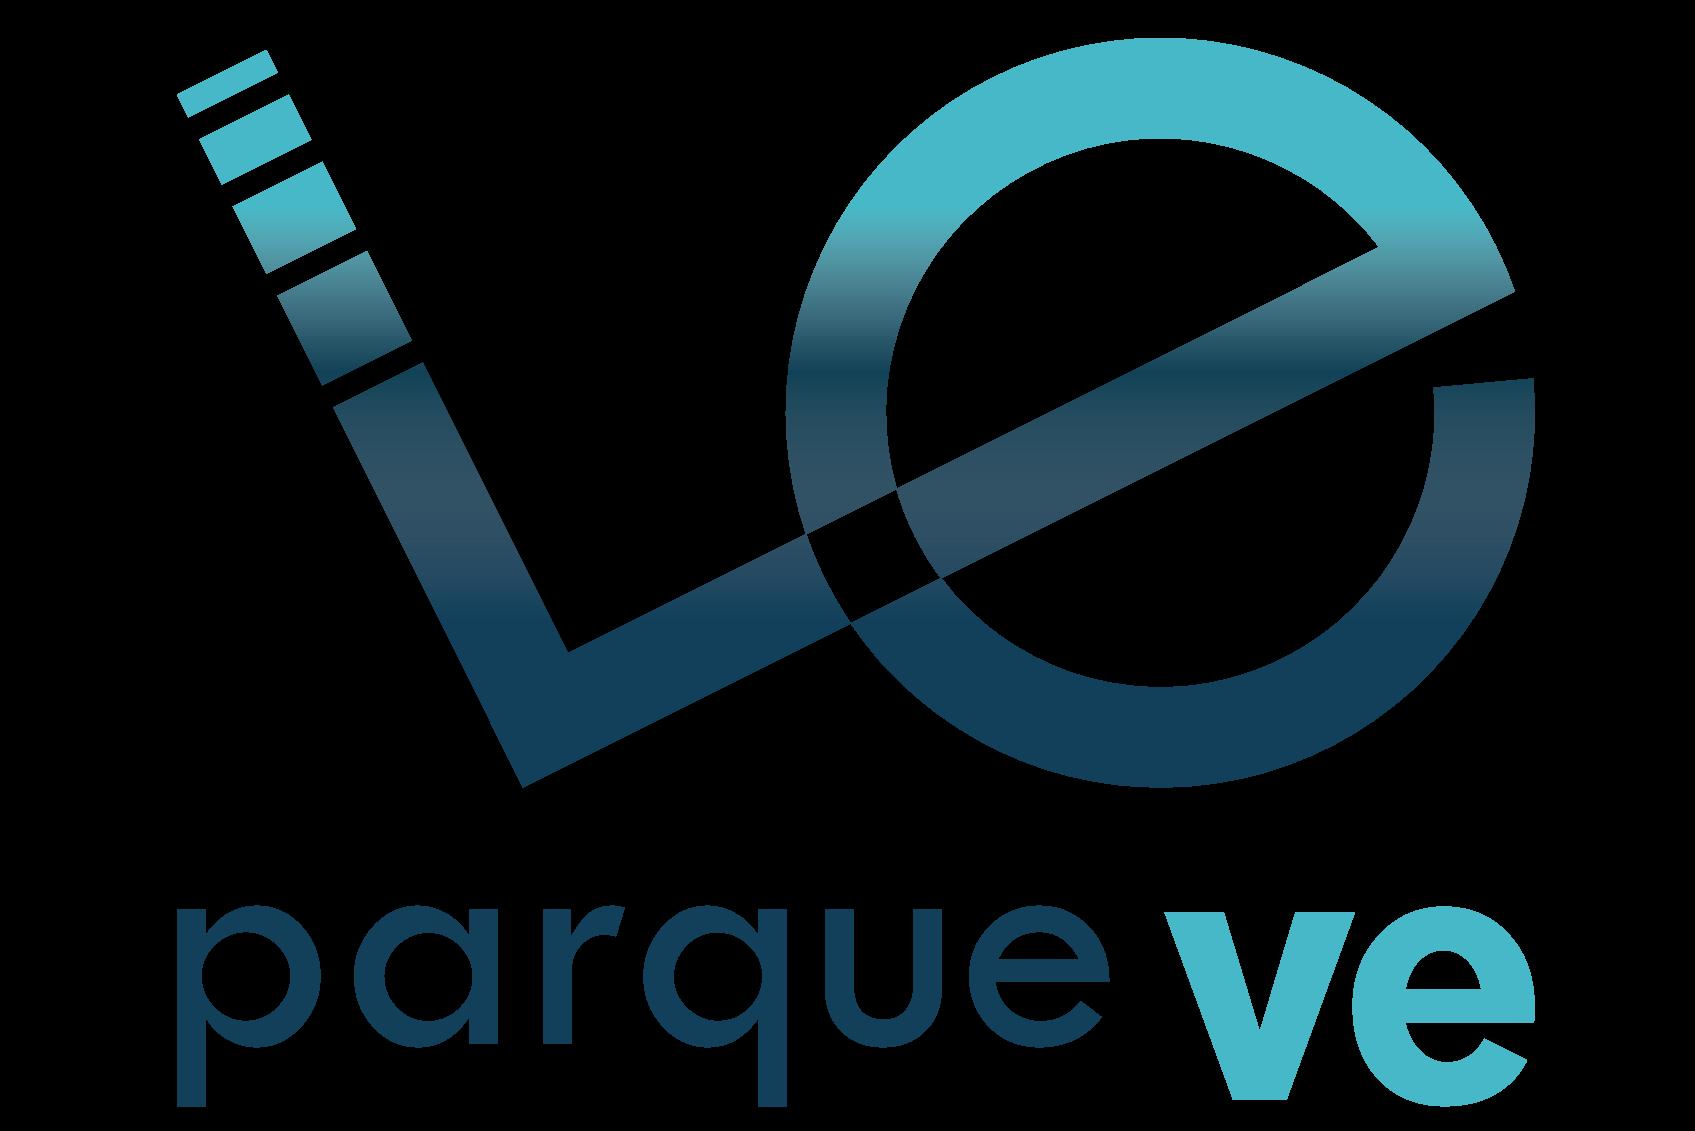 Parque VE